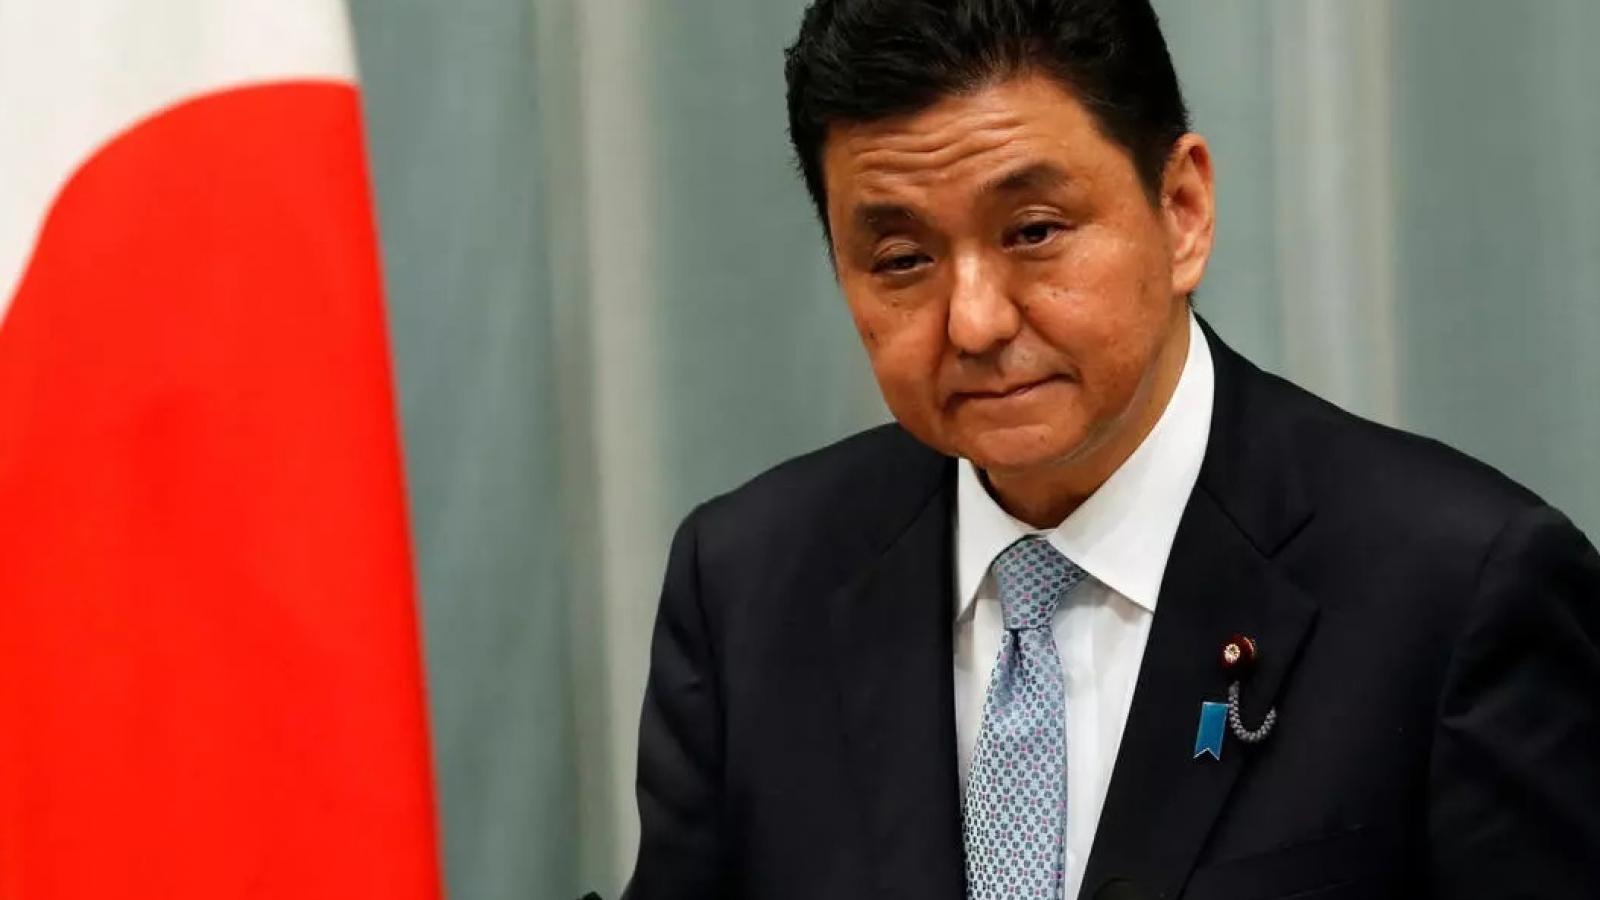 Lãnh đạo quốc phòng Nhật Bản và Malaysia quan ngại về luật hải cảnh Trung Quốc